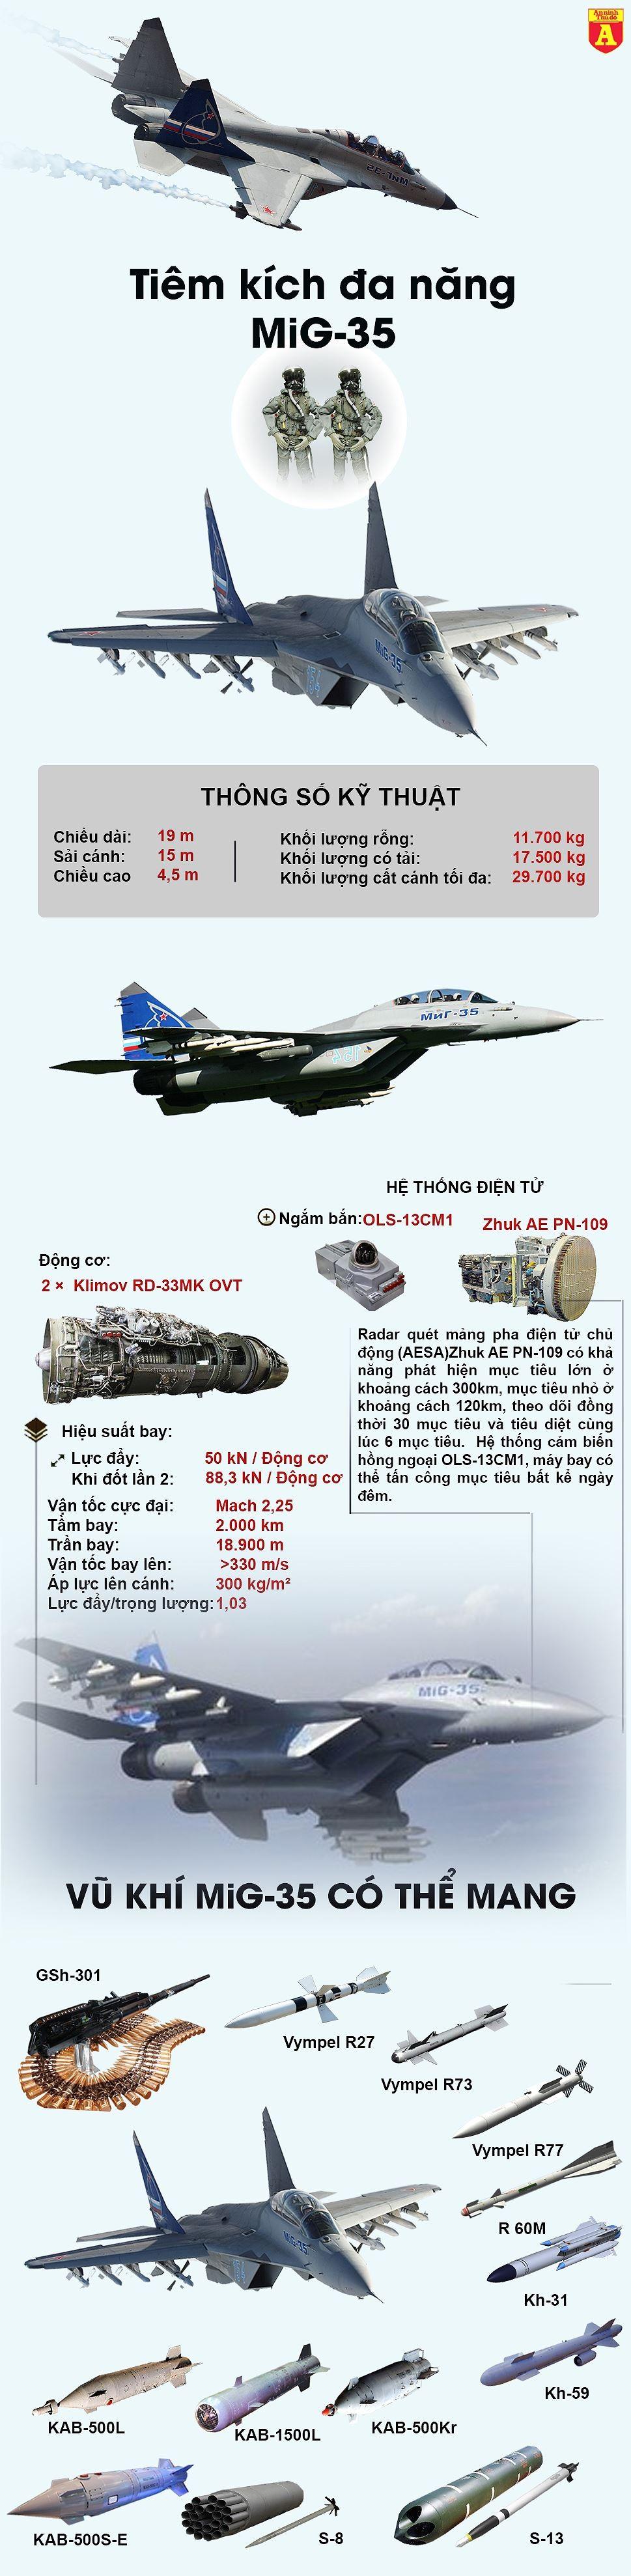 [Infographic] Siêu tiêm kích MiG-35 sẽ rũ bỏ lời nguyền tại Ấn Độ? ảnh 2